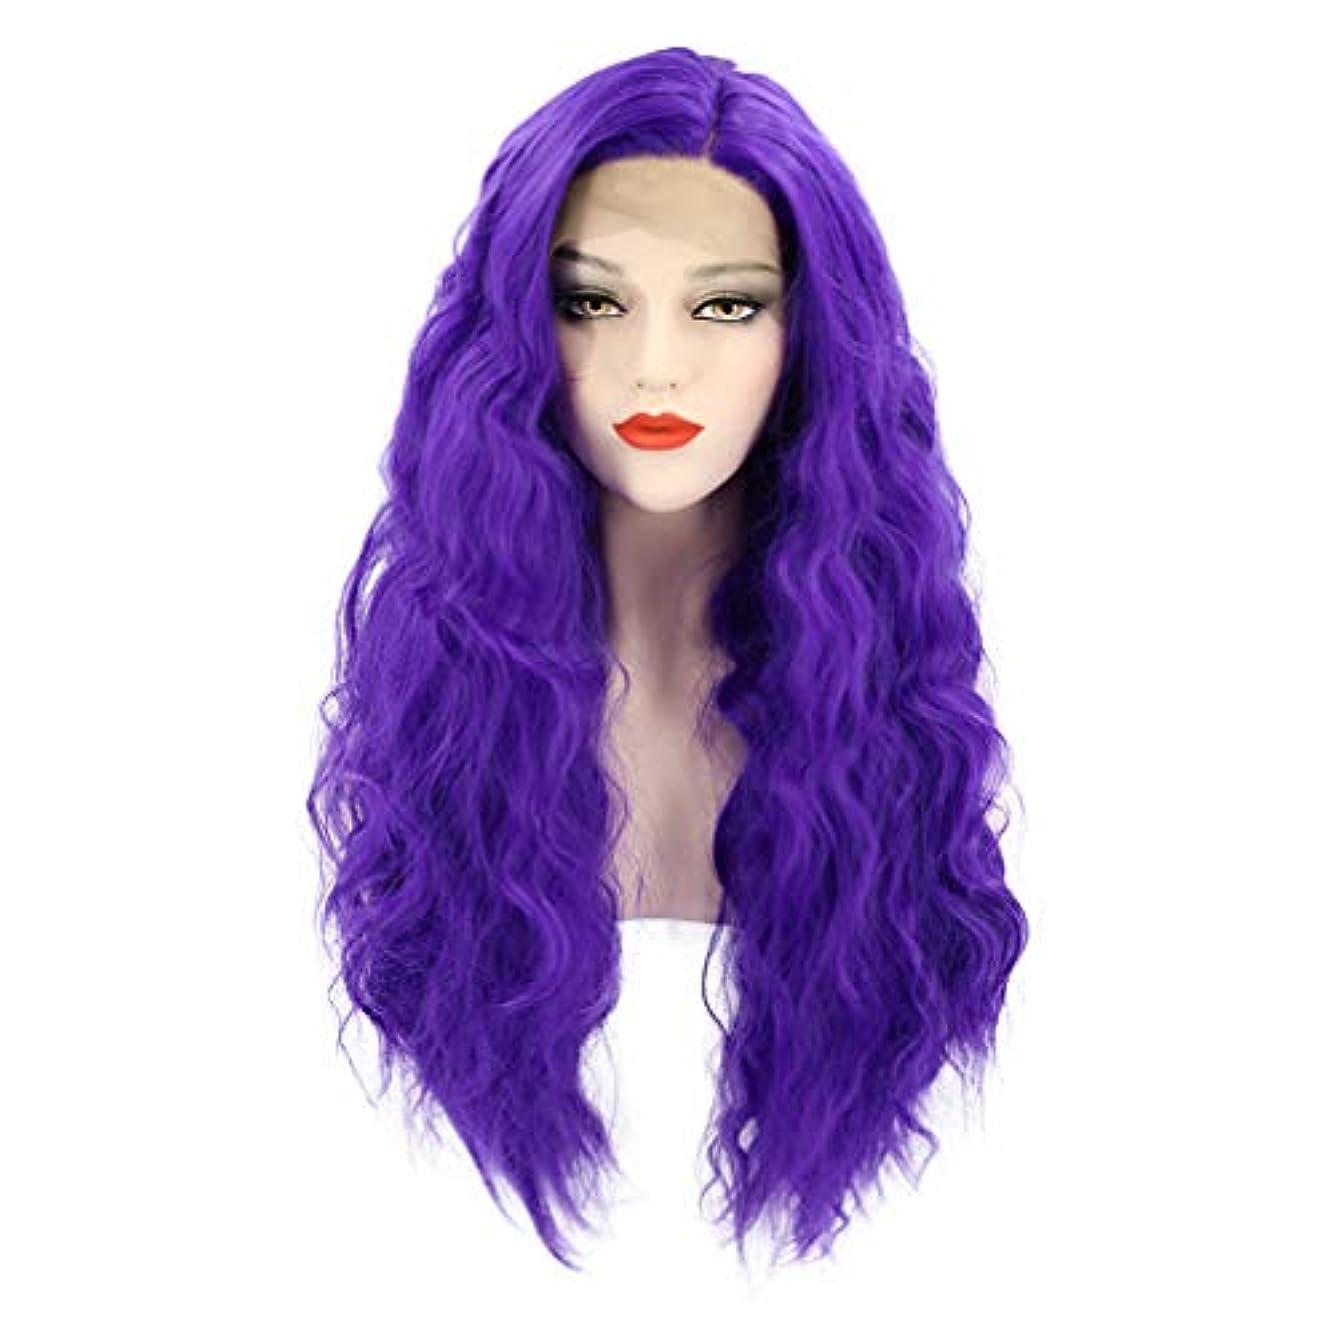 矢大陸金貸し女性かつらフロントレース長い巻き毛アフロ人工毛サイドパーツかつら150%密度で無料かつらキャップ紫26インチ